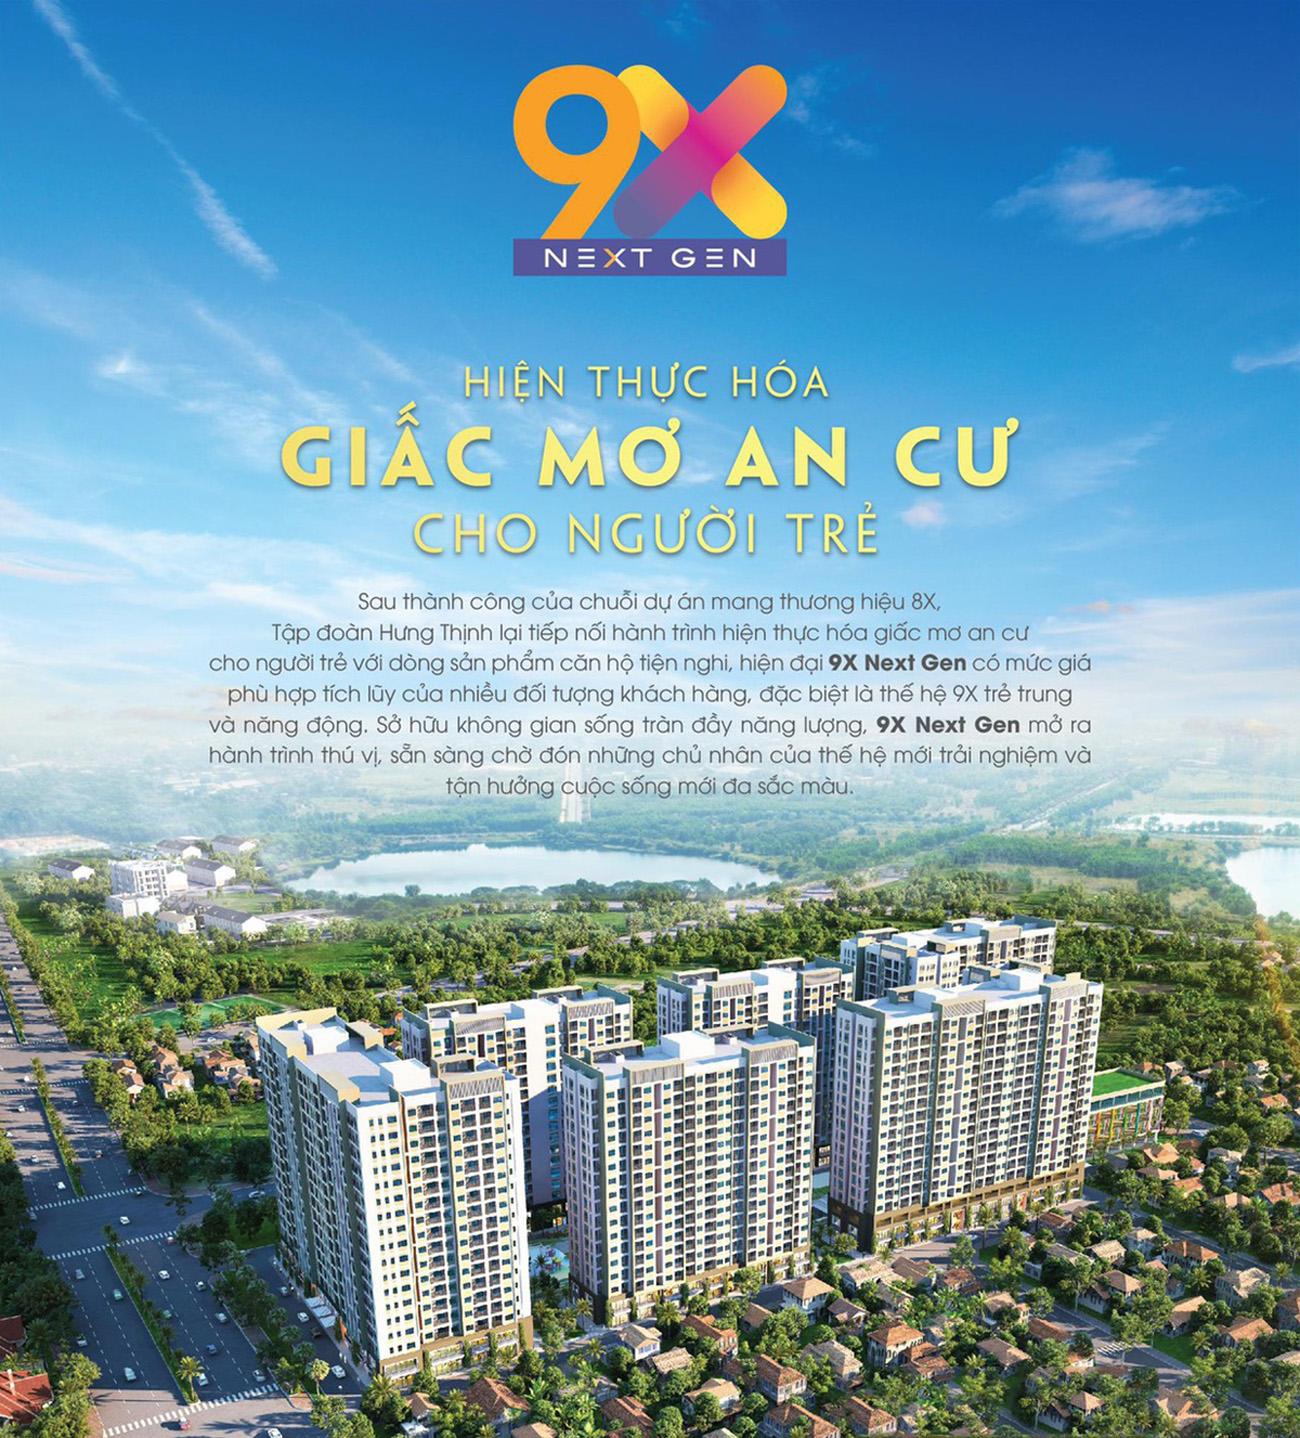 Phối cảnh mua bán cho thuê dự án căn hộ chung cư 9x Next Gen Dĩ An Bình Dương Đường Đường Thống Nhất chủ đầu tư Hưng Thịnh